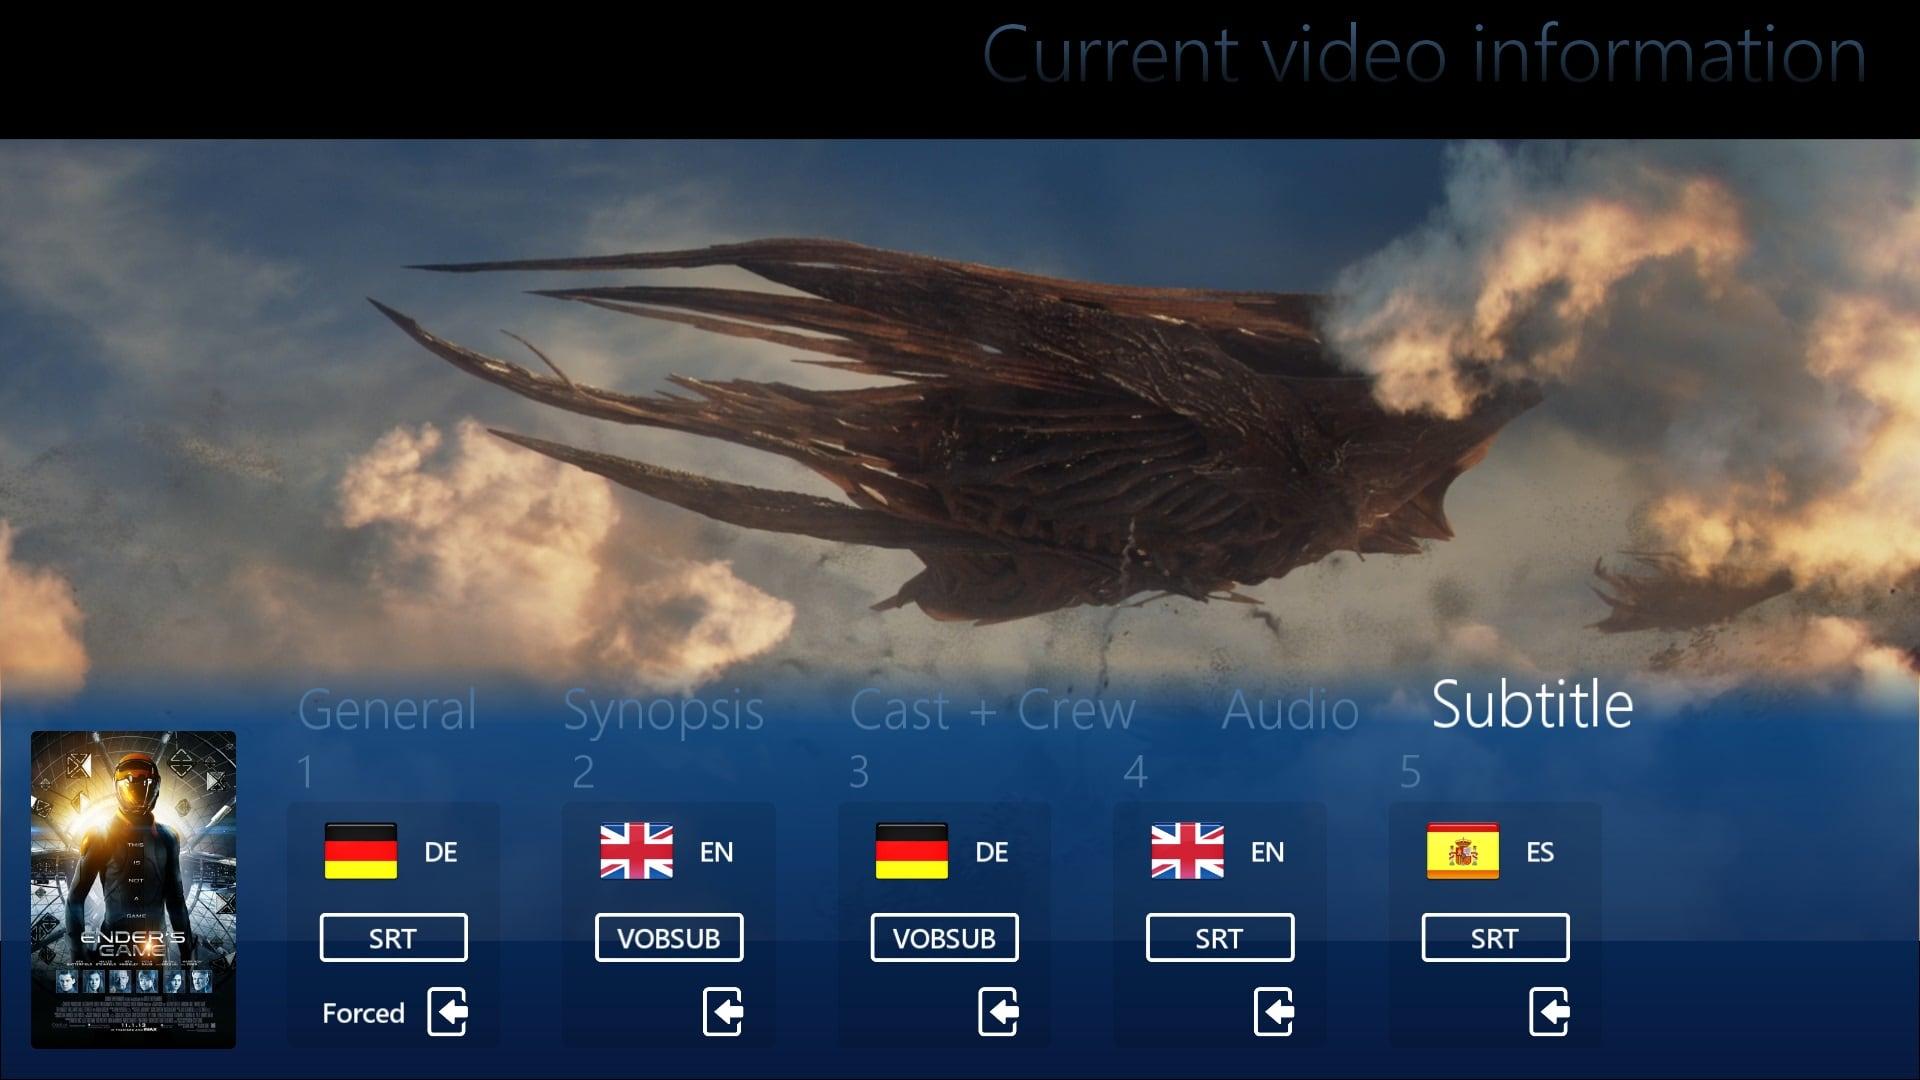 IS_Subtitle.jpg